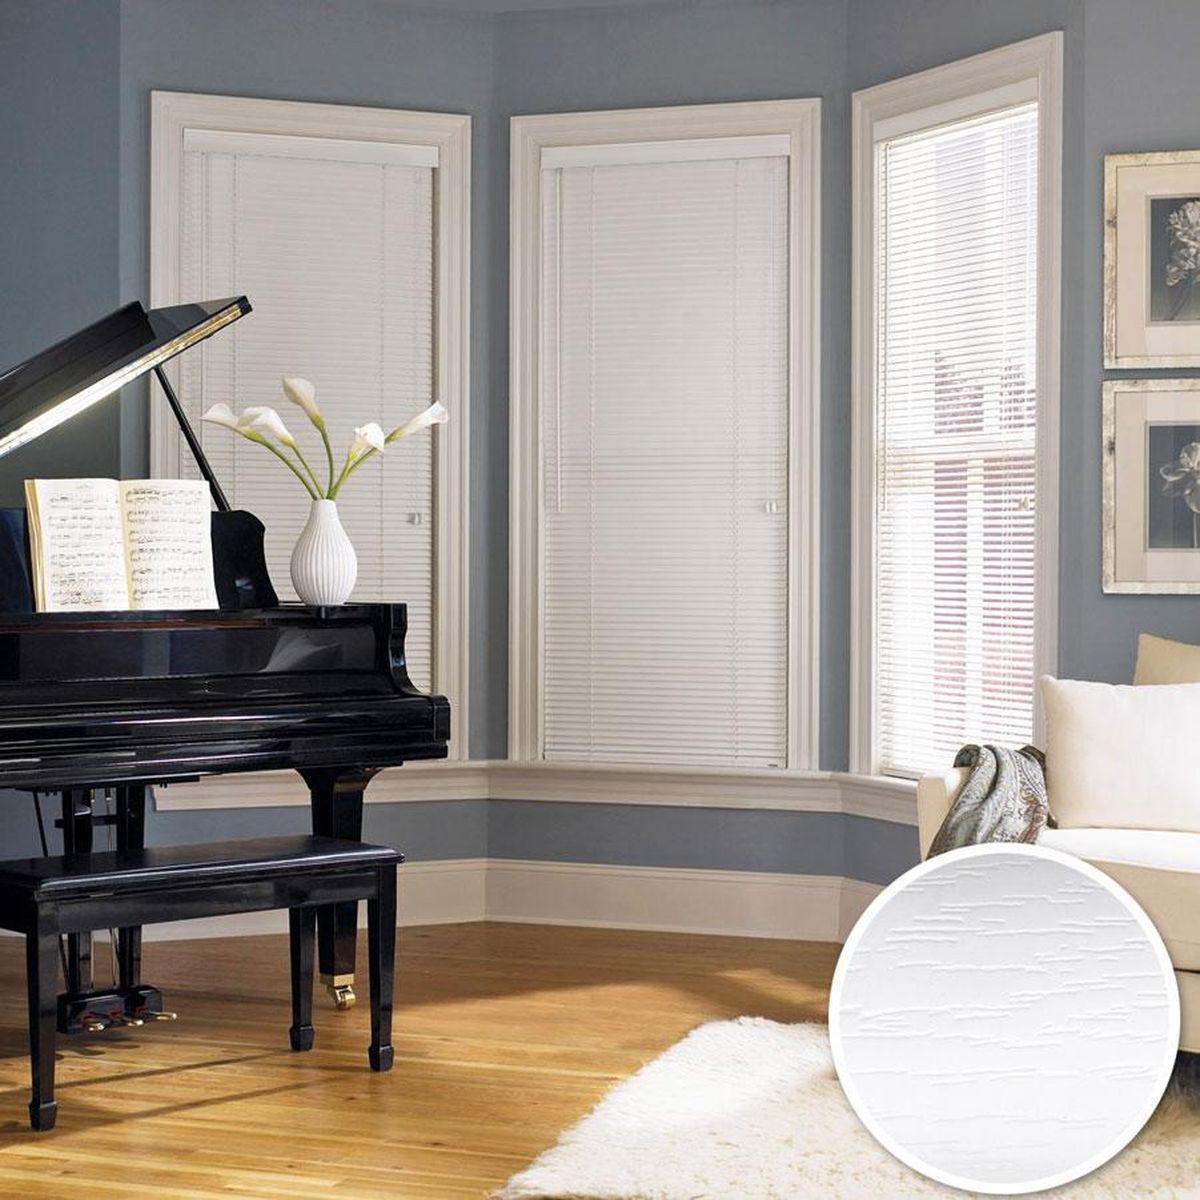 Жалюзи пластиковые 38 мм Эскар, горизонтальные, цвет: белый, ширина 80 см, высота 160 см6021050160Для того чтобы придать интерьеру изюминку и завершенность, нет ничего лучше, чем использовать жалюзи на окнах квартиры, дома или офиса. С их помощью можно подчеркнуть индивидуальный вкус, а также стилевое оформление помещения. Помимо декоративных функций, жалюзи выполняют и практические задачи: они защищают от излишнего солнечного света, не дают помещению нагреваться, а также создают уют в темное время суток.Пластиковые жалюзи - самое универсальное и недорогое решение для любого помещения. Купить их может каждый, а широкий выбор размеров под самые популярные габариты сделает покупку простой и удобной. Пластиковые жалюзи имеют высокие эксплуатационные характеристики - они гигиеничны, что делает их незаменимыми при монтаже в детских и медицинских учреждениях.